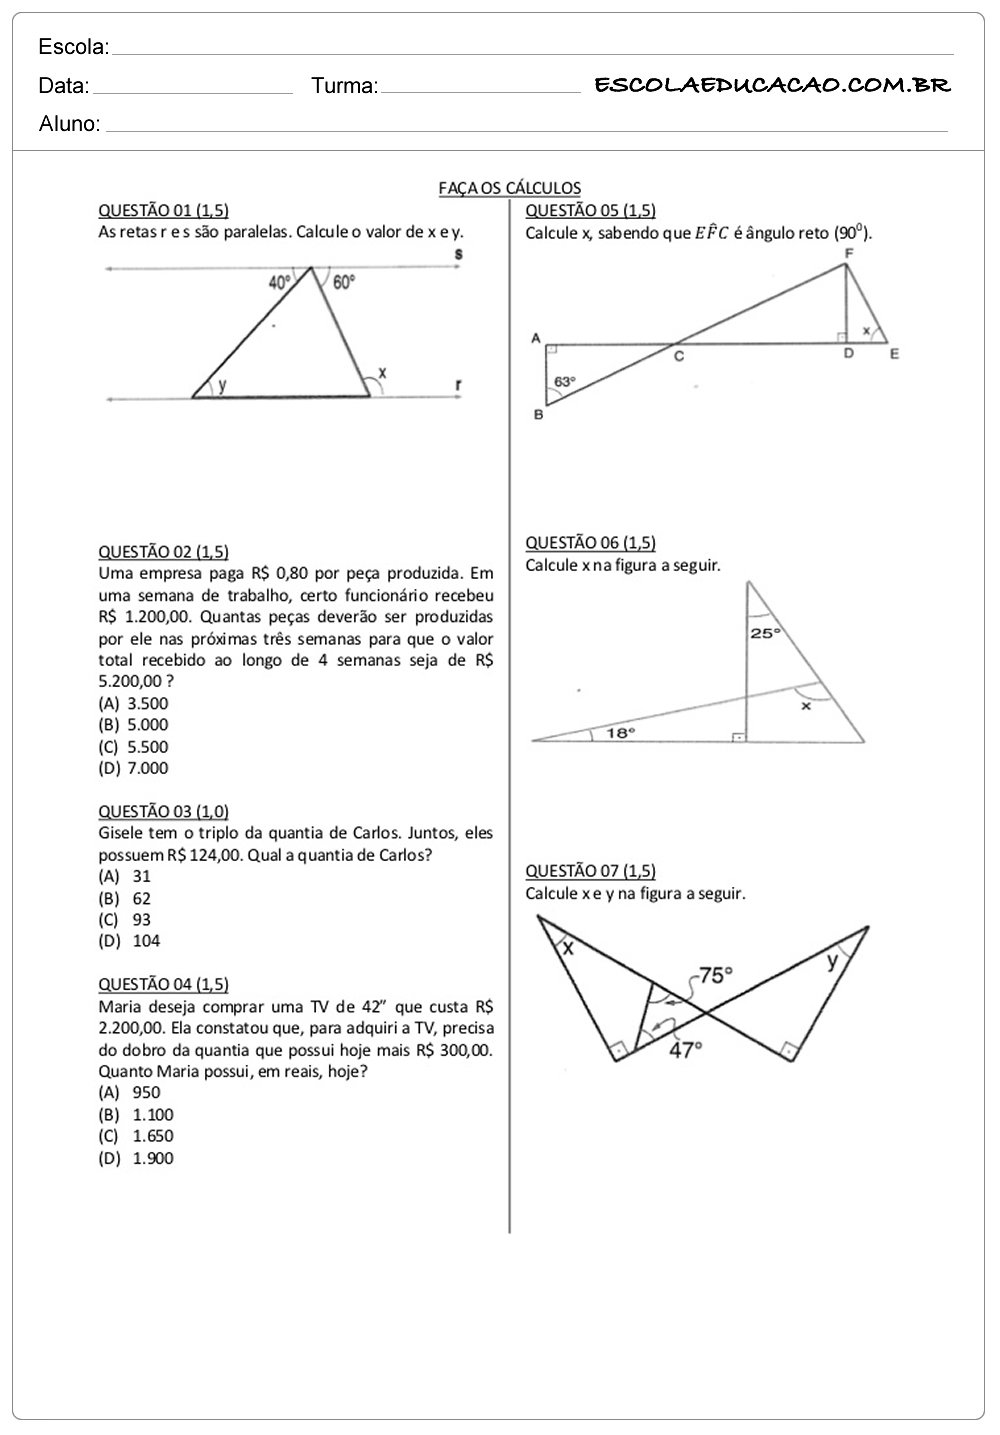 Atividades de Matemática 8º ano faça os cálculos